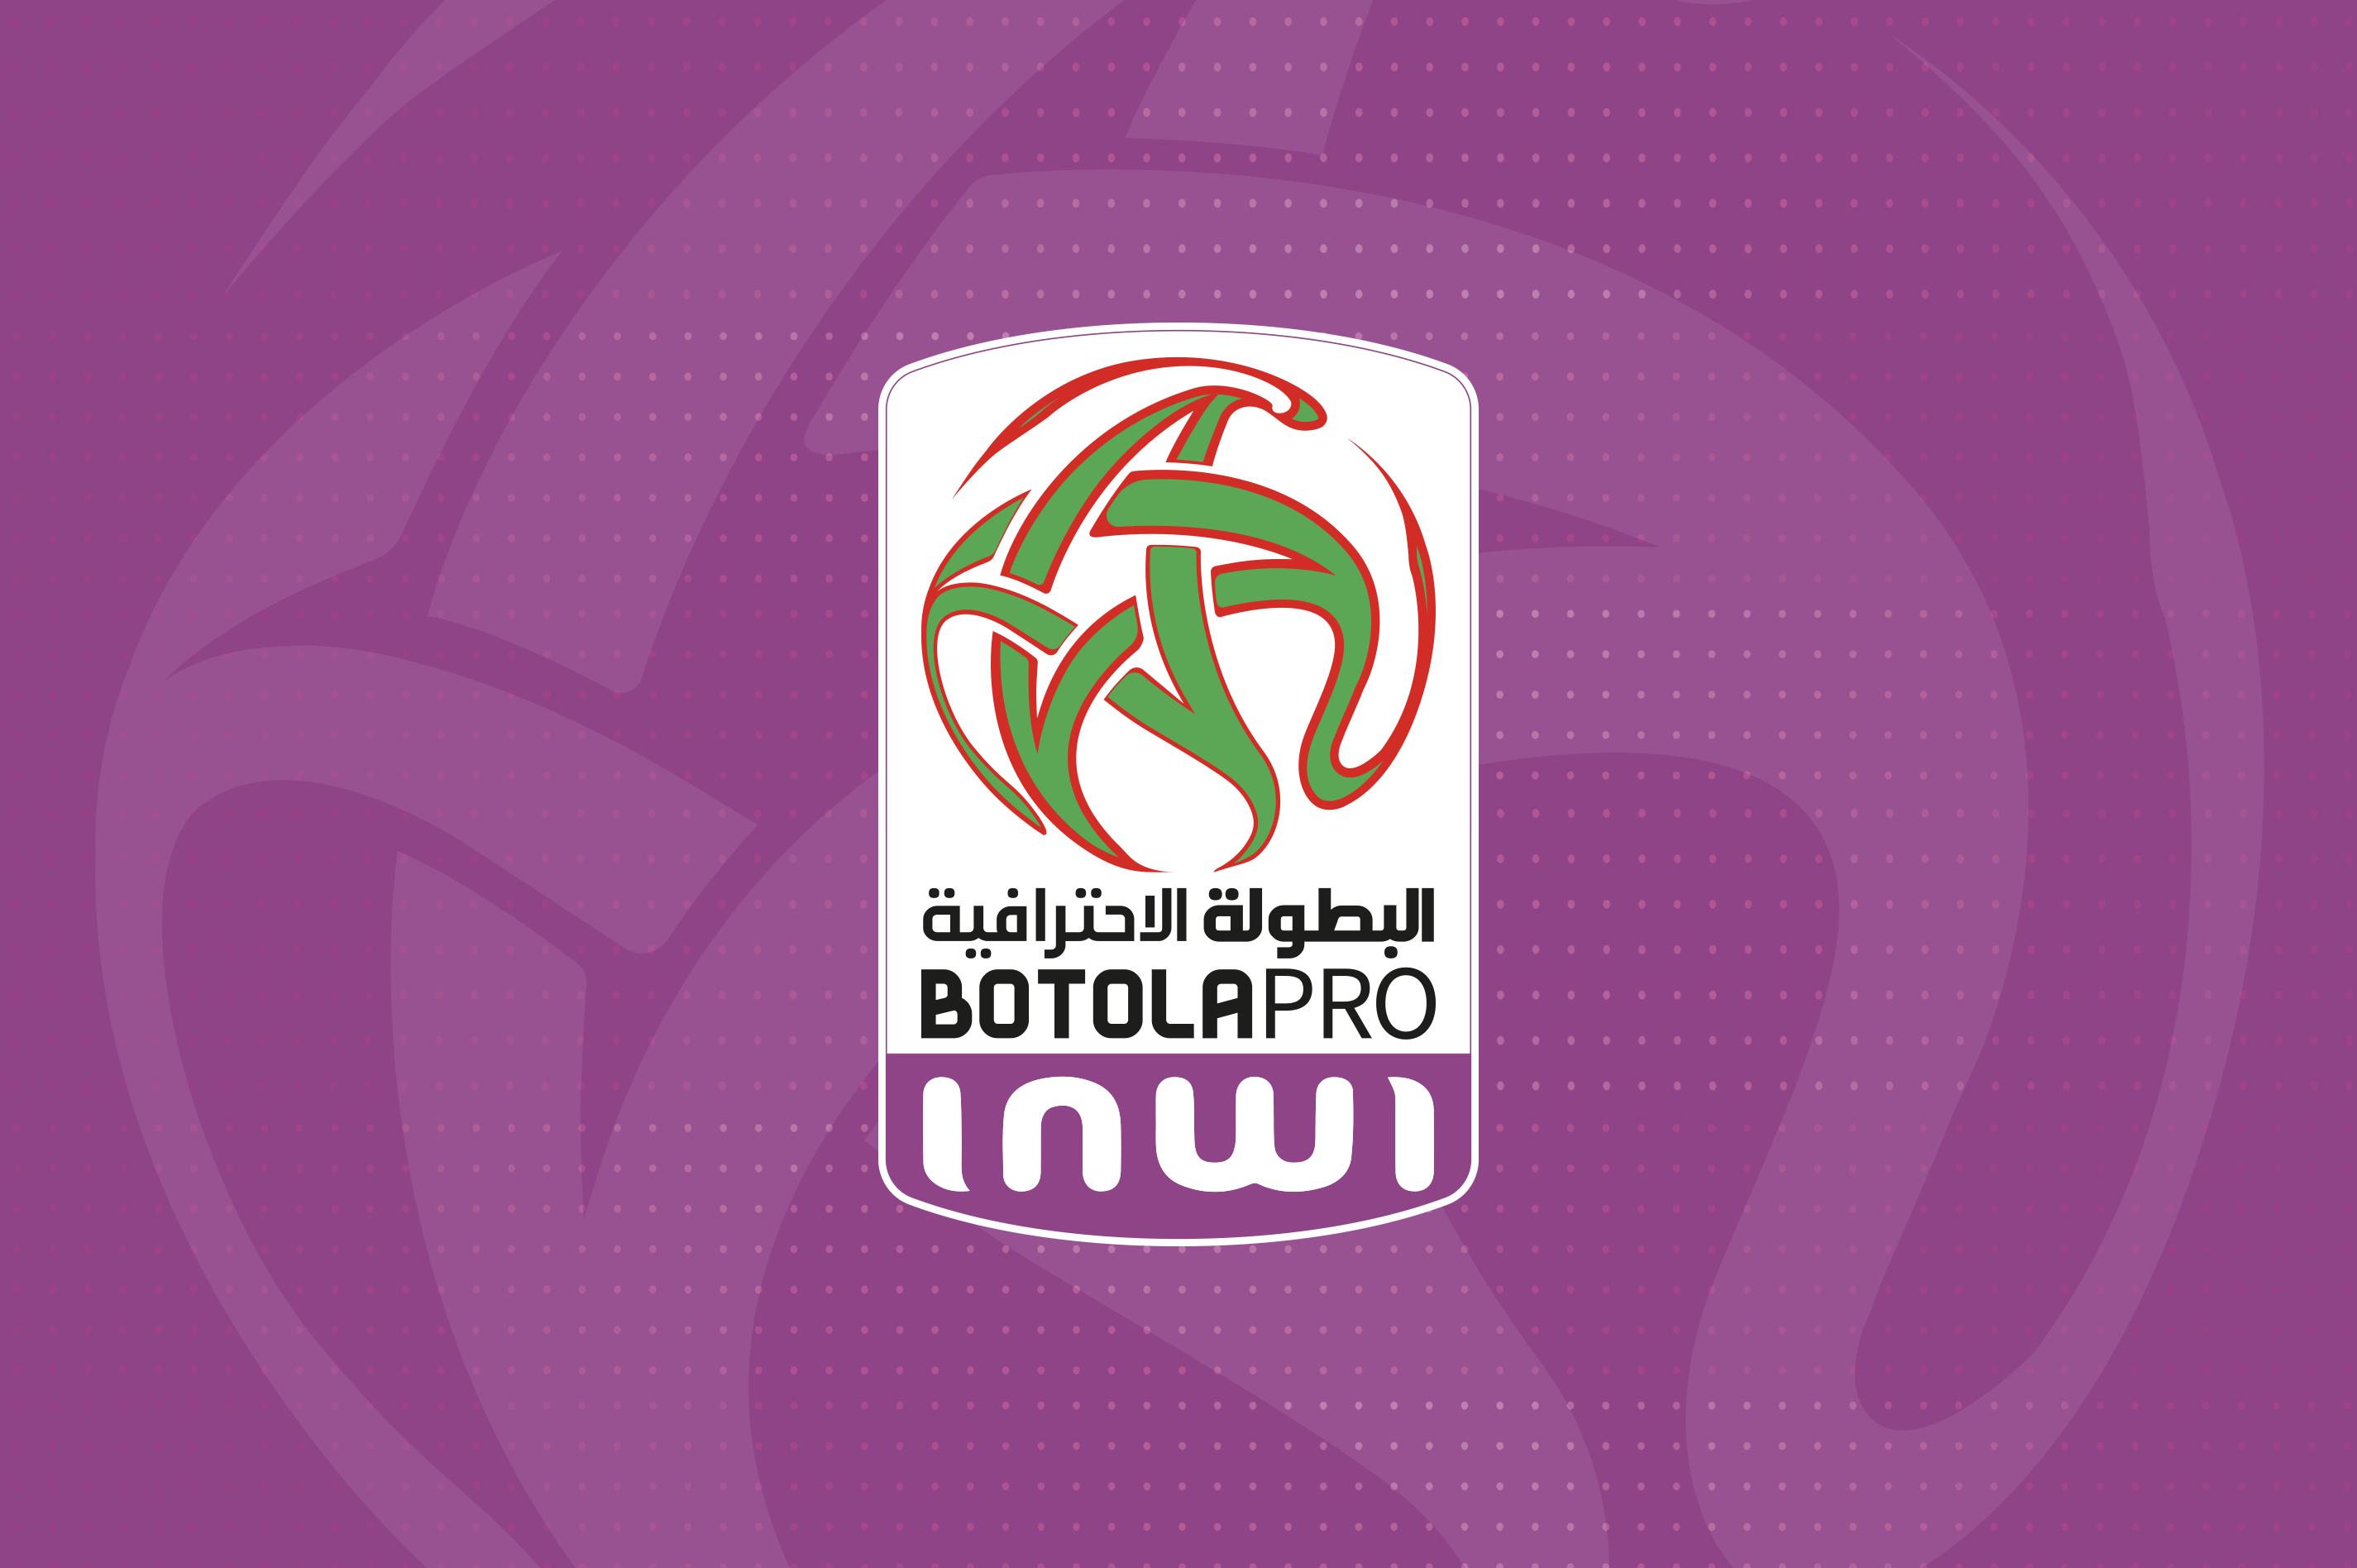 برنامج الجولة الأولى من البطولة الاحترافية للموسم 2020/2021